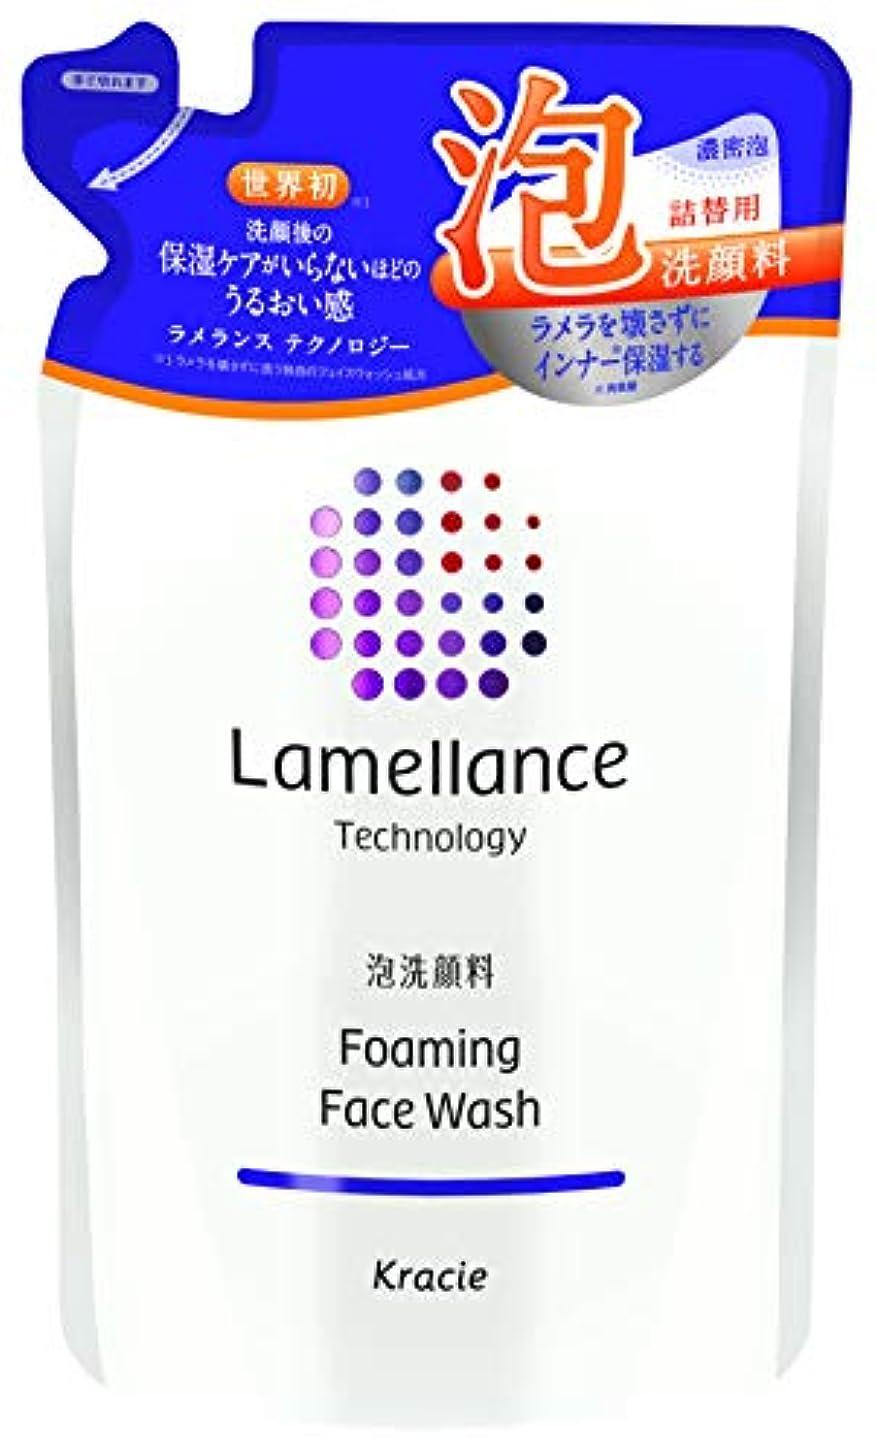 添付プロペラマーティフィールディングラメランス 泡フェイスウォッシュ詰替140mL(透明感のあるホワイトフローラルの香り) 角質層のラメラを濃密泡で包み込みしっとり泡洗顔